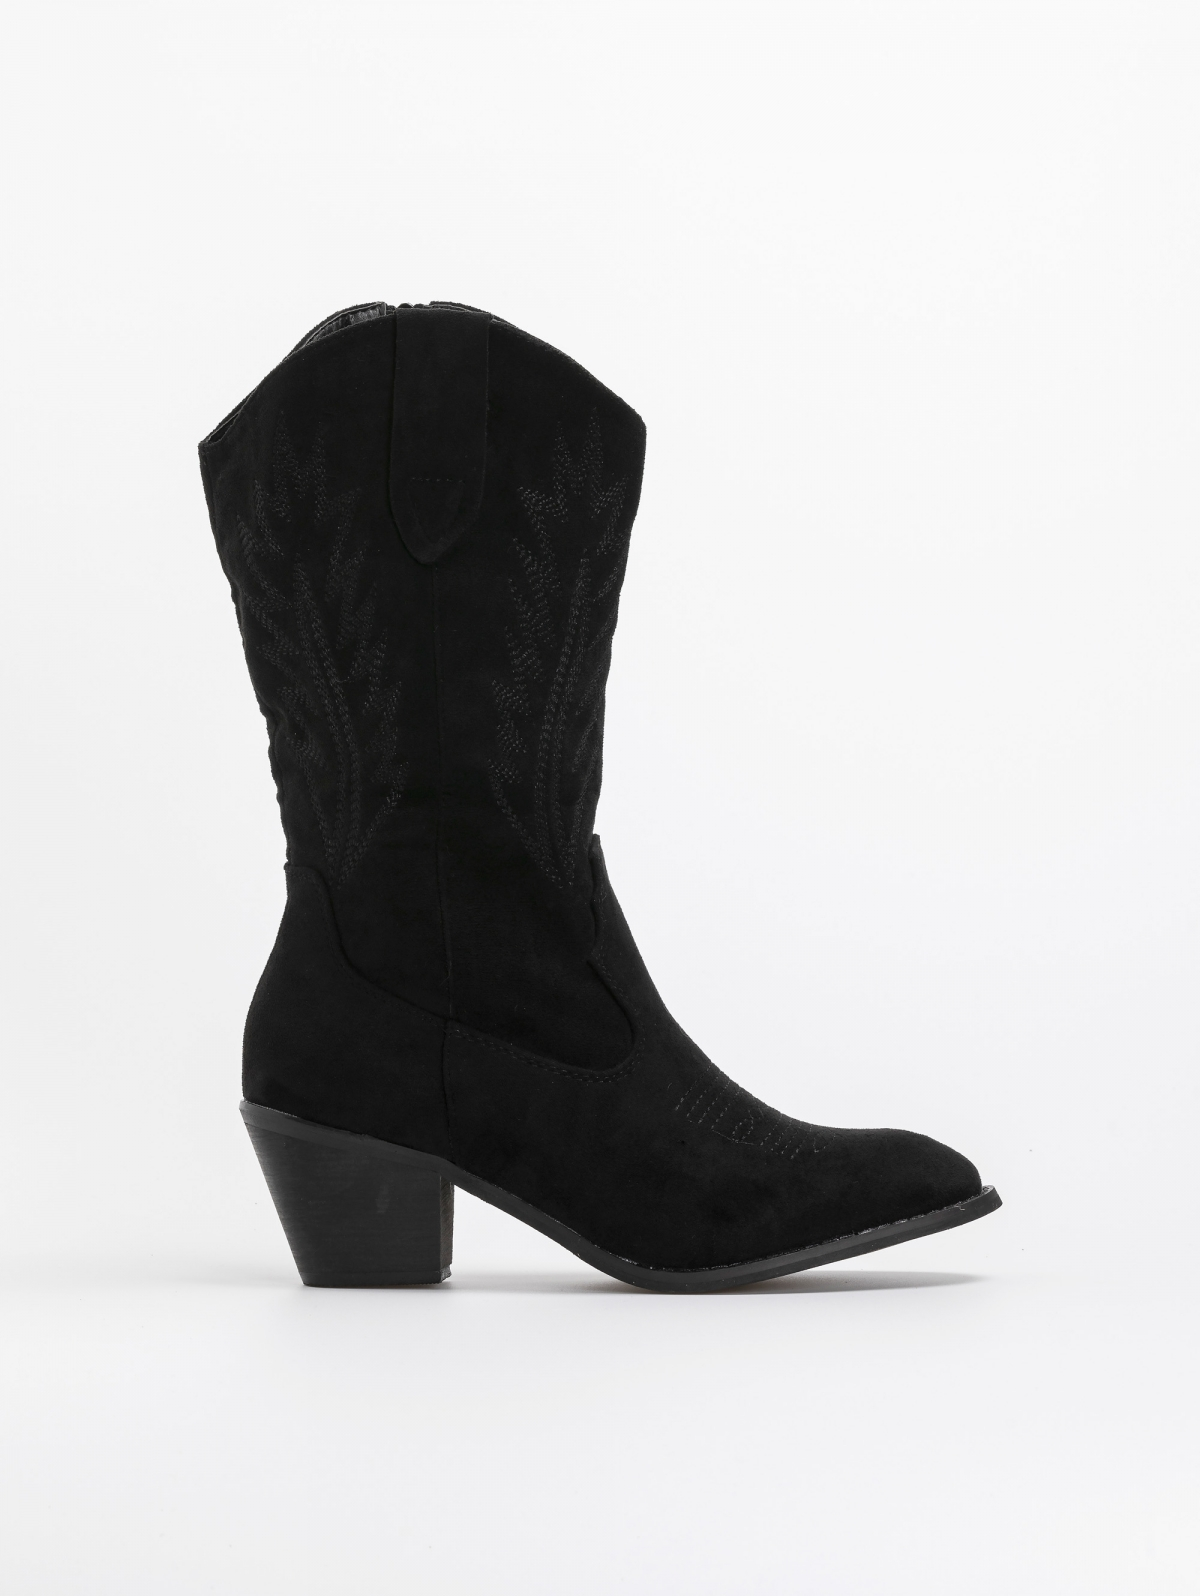 Suede western μπότες με ξύλινο τακούνι - Μαύρο